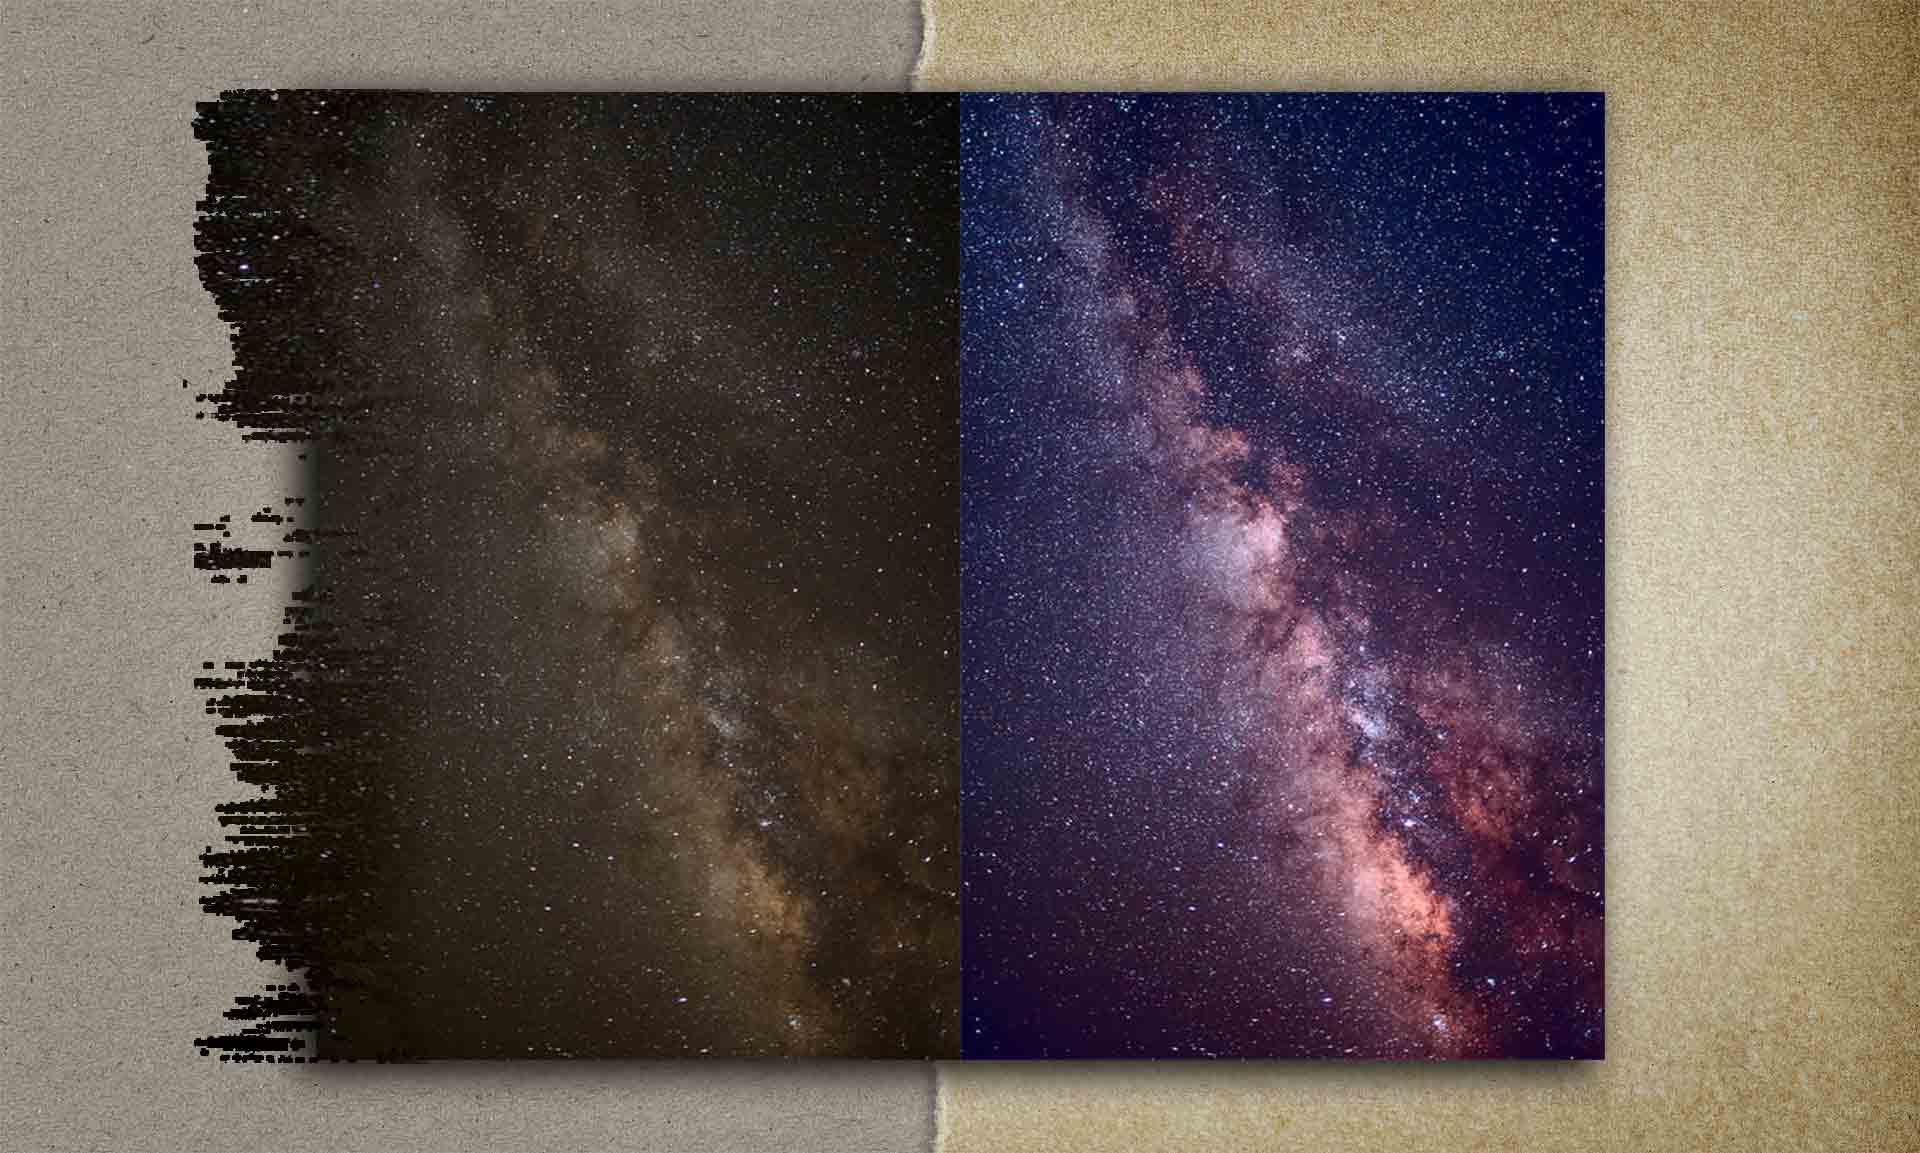 The Milky Way Galaxy Photography 1ba - روش عکاسی از کهکشان راه شیری